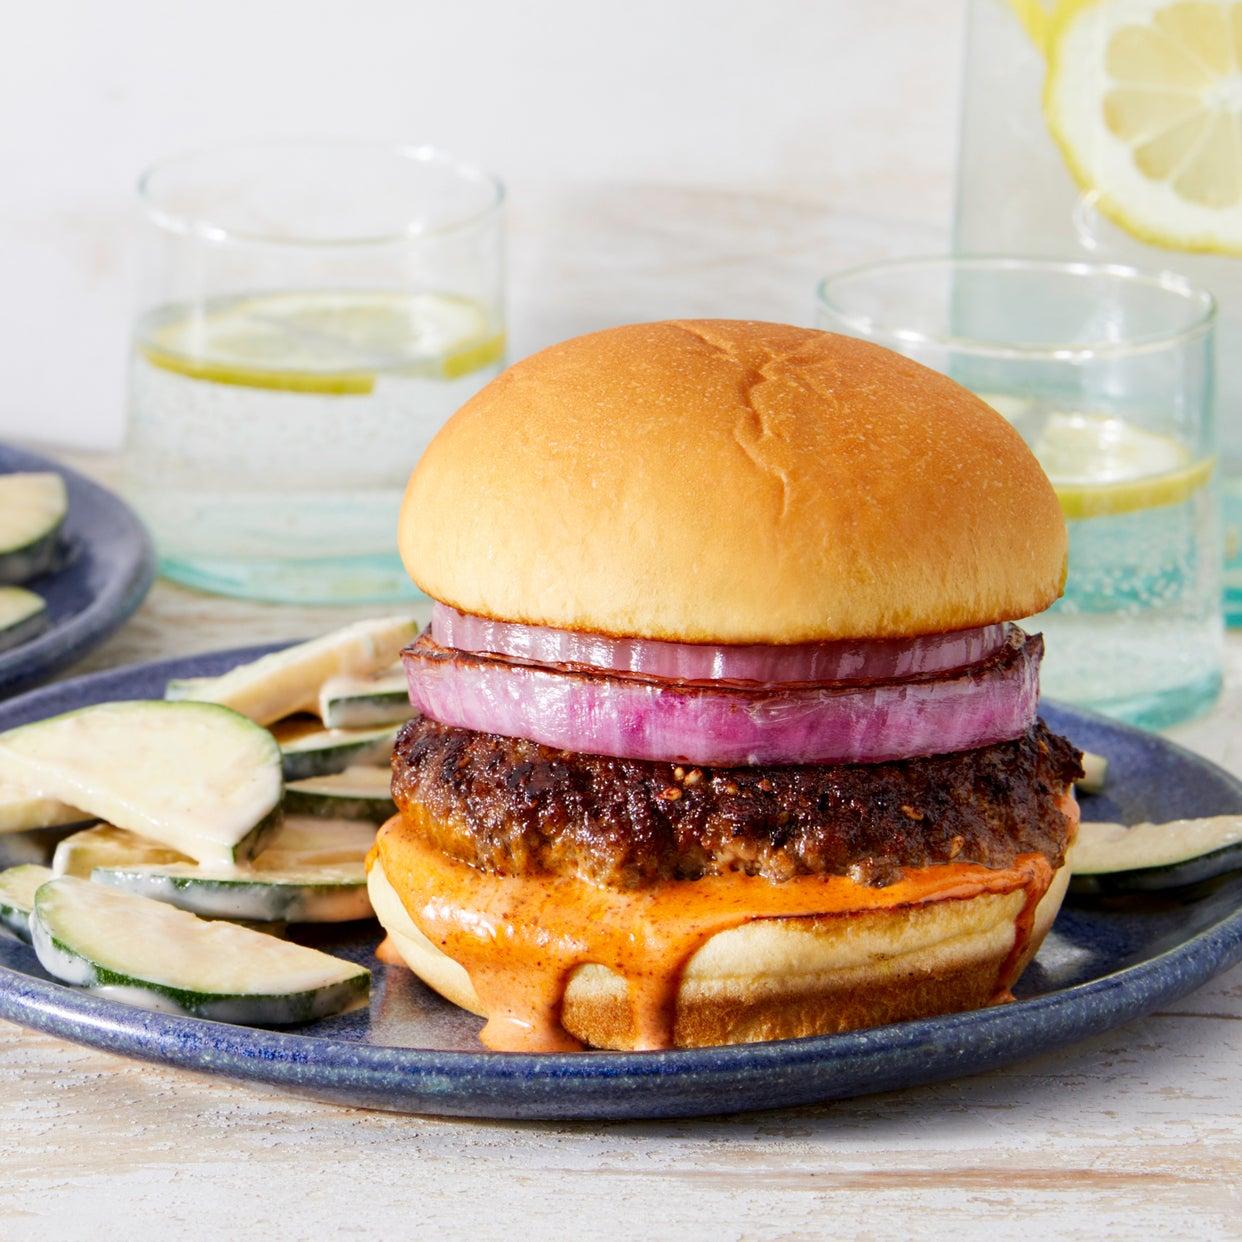 Za'atar-Spiced Beef Burgers with Harissa Mayo & Tahini Zucchini